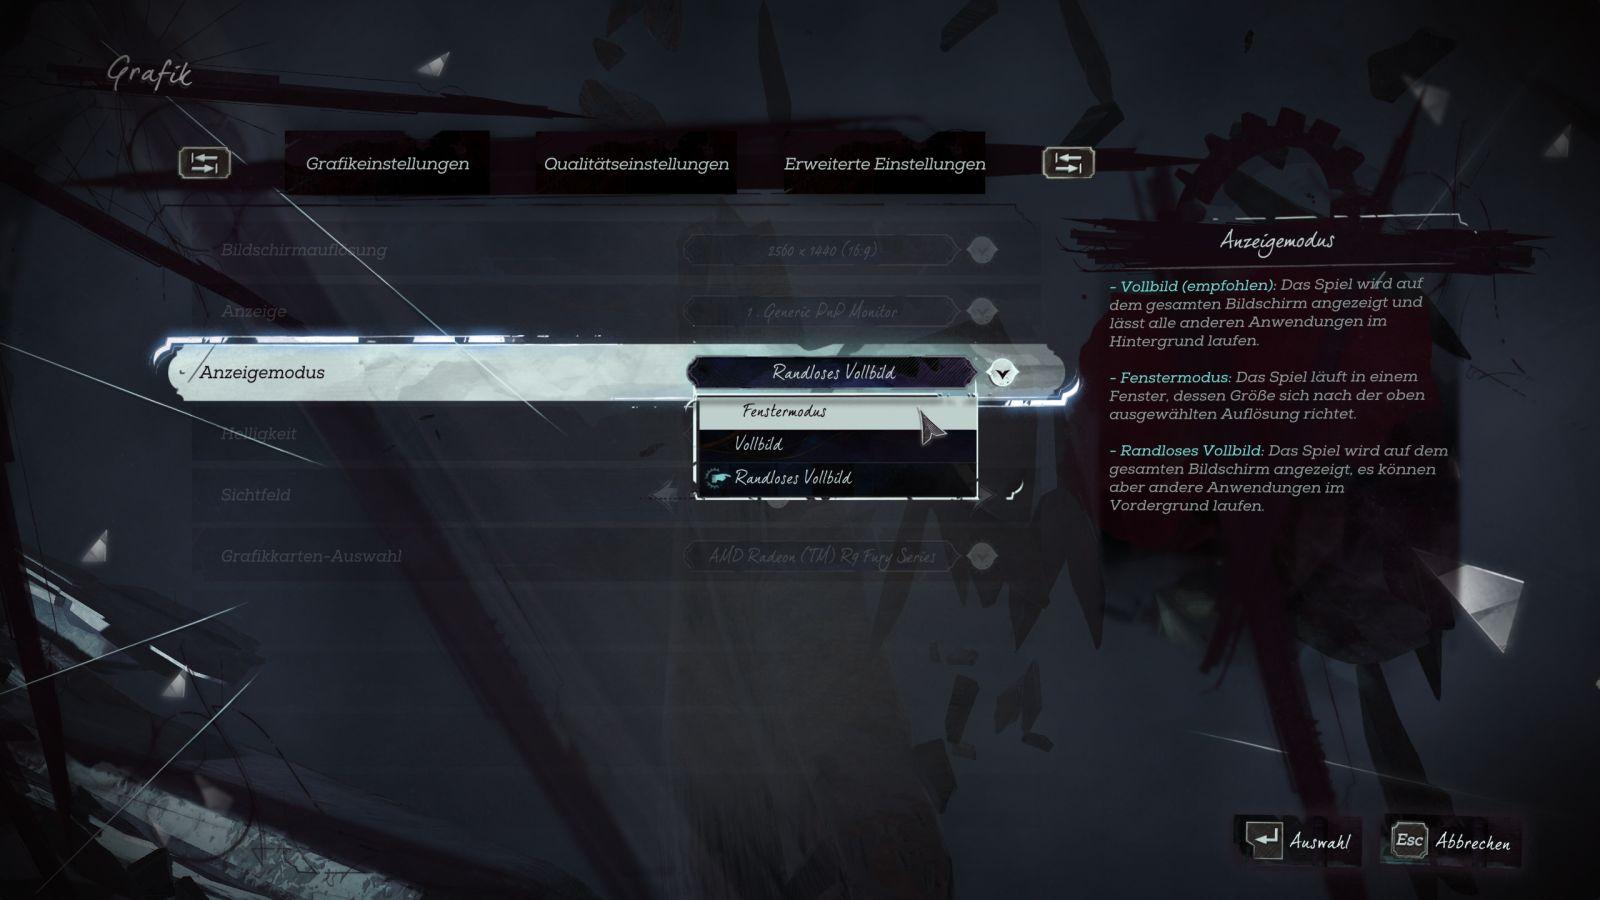 Spiel Vollbild Tastenkombination